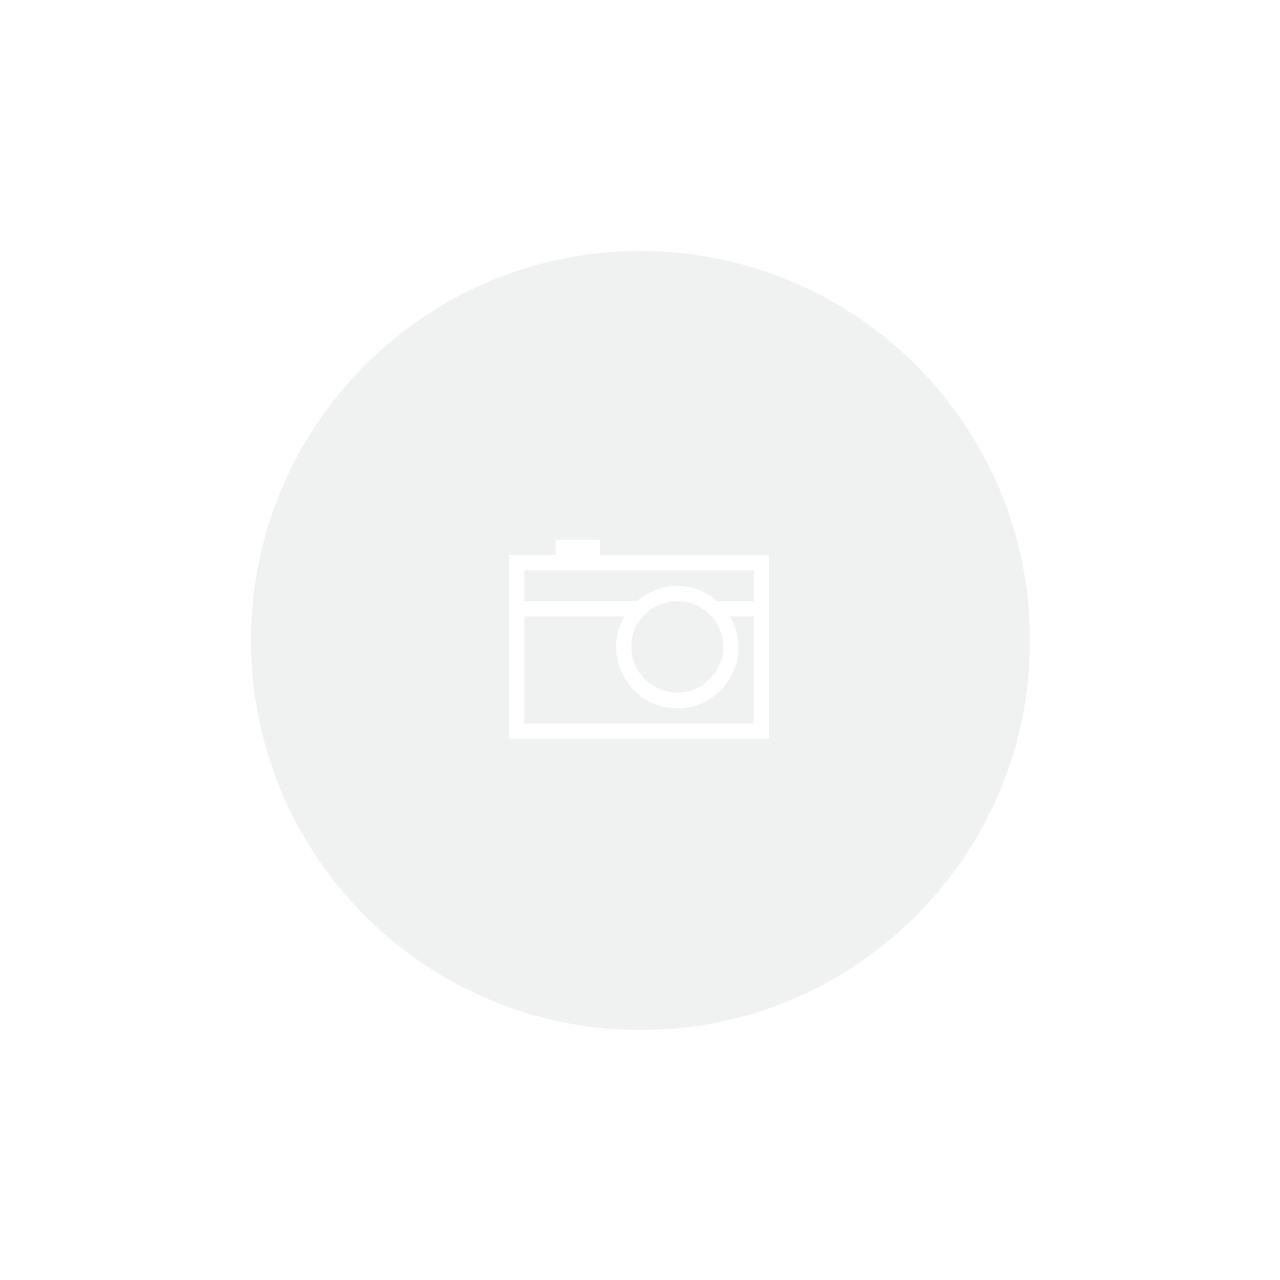 Kit para Cortar 8 Peças Athus Branco Tramontina